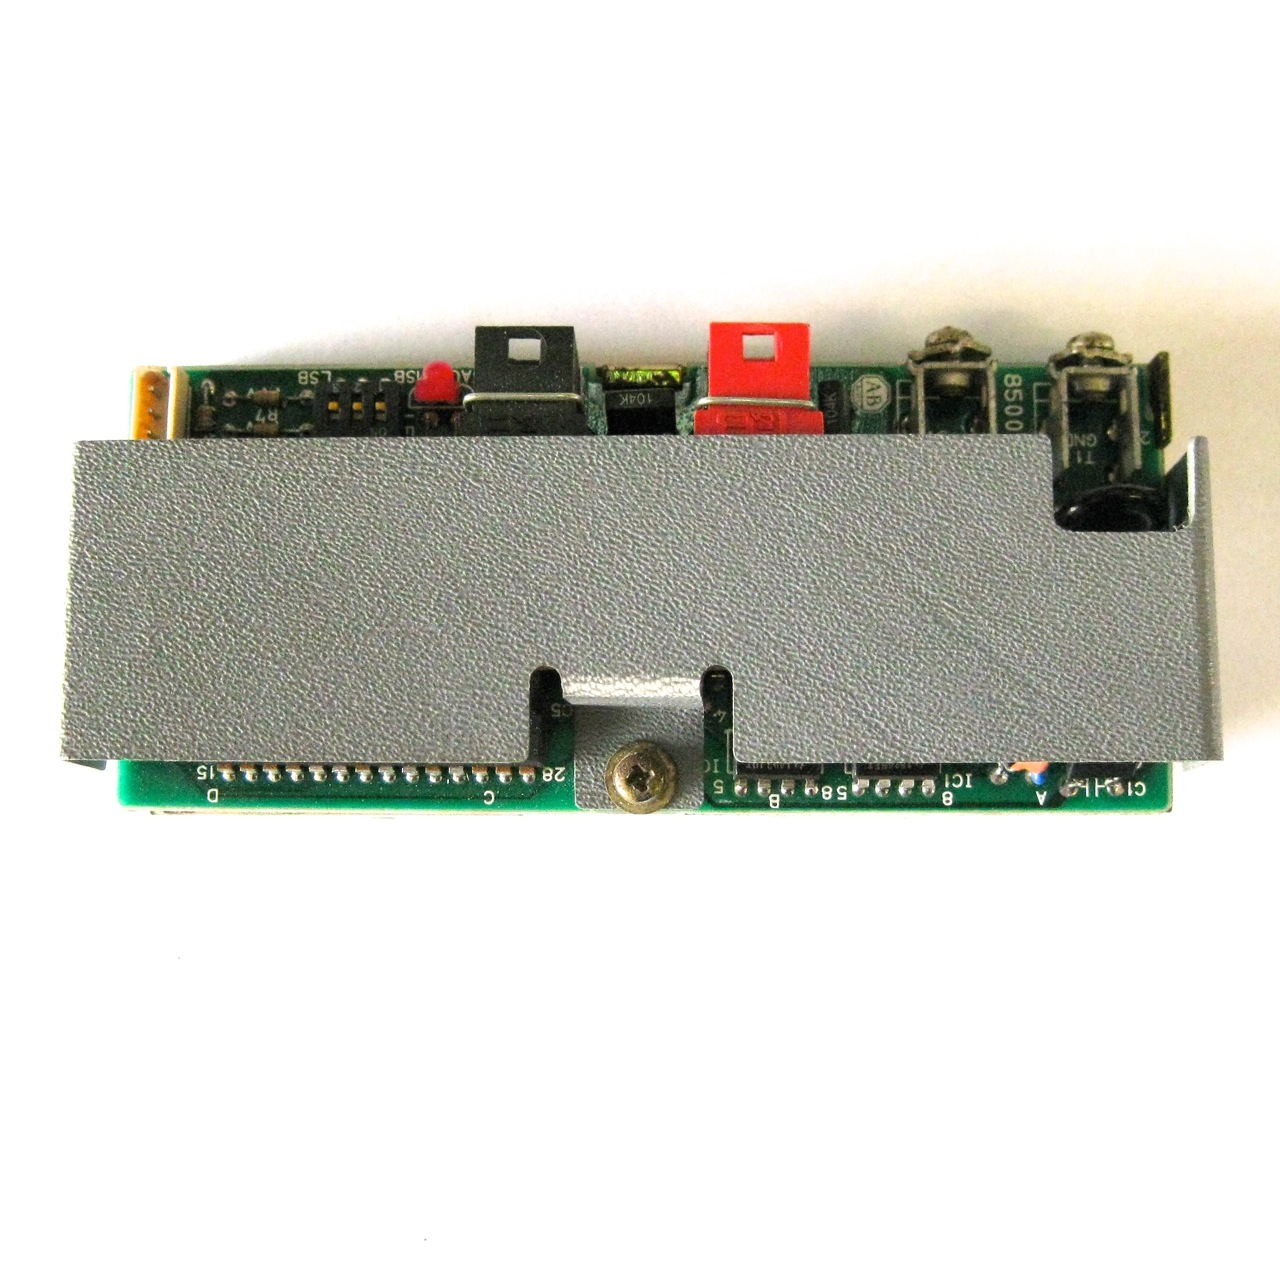 Allen-Bradley 8500-HPGI